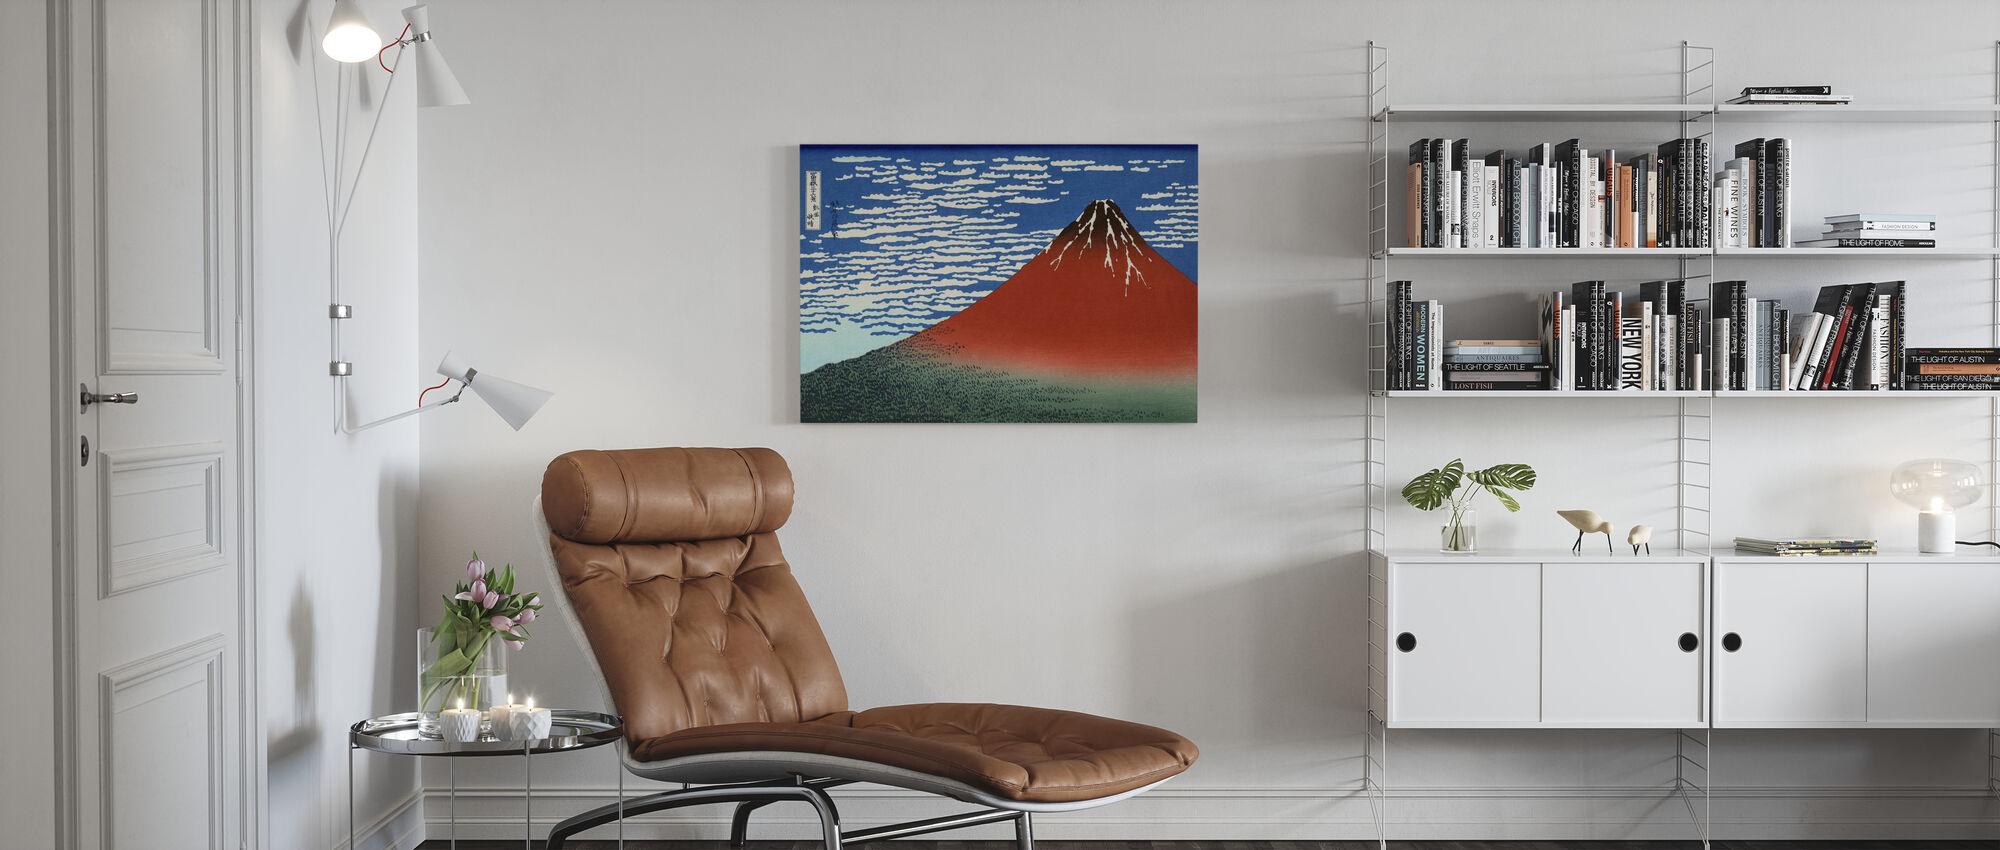 Red Fuji, Katsushika Hokusai - Canvas print - Living Room